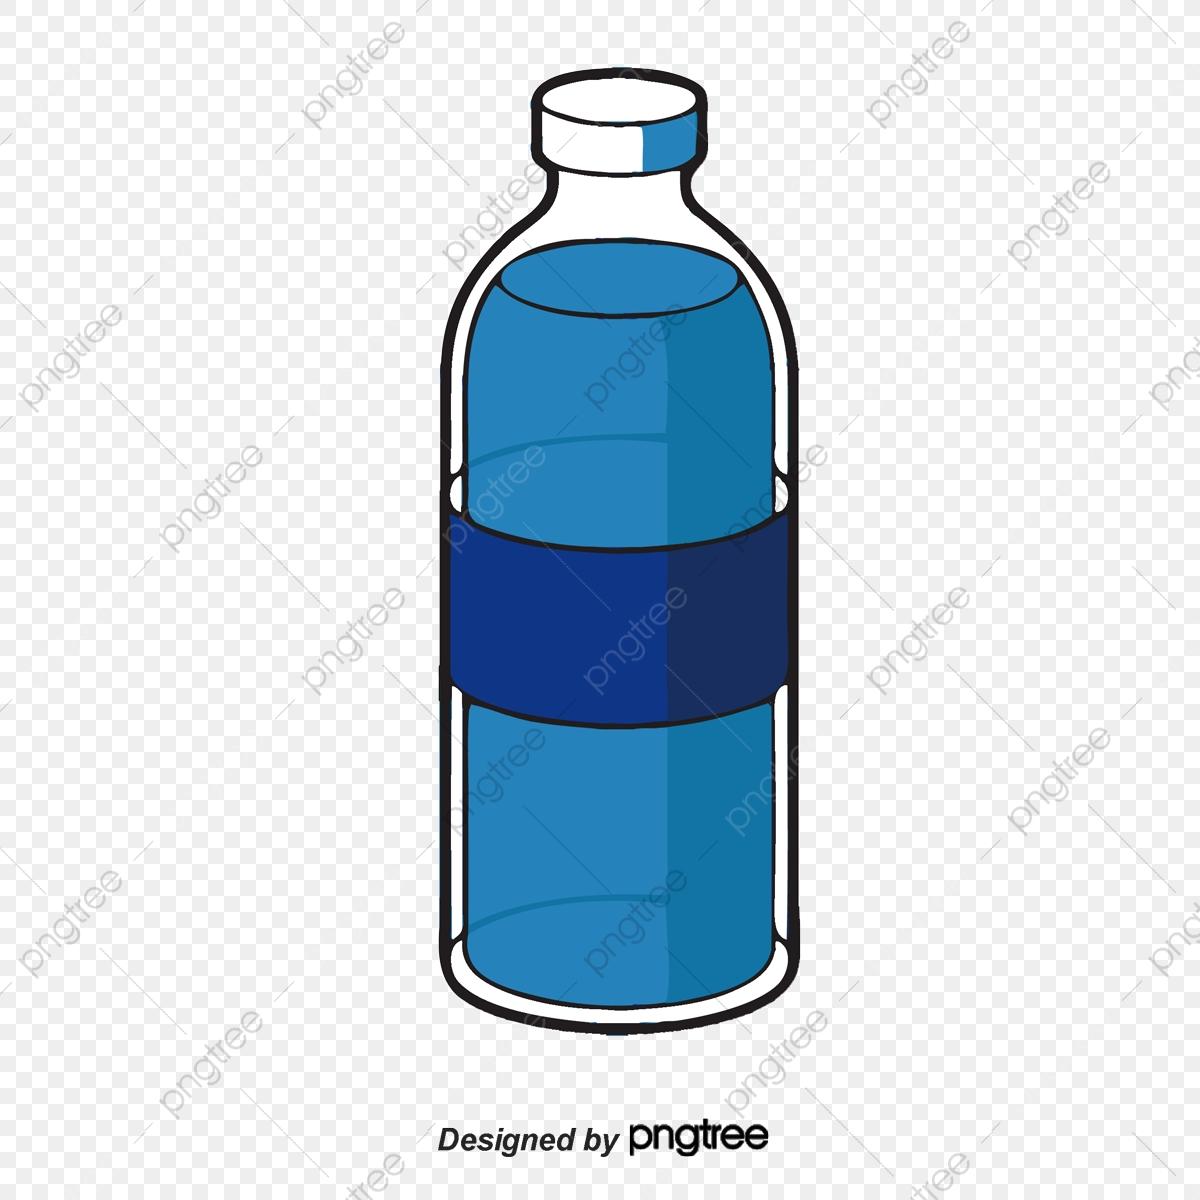 Empty Bottle, Bottle Clipart, Blue, Water Bottle PNG Transparent.